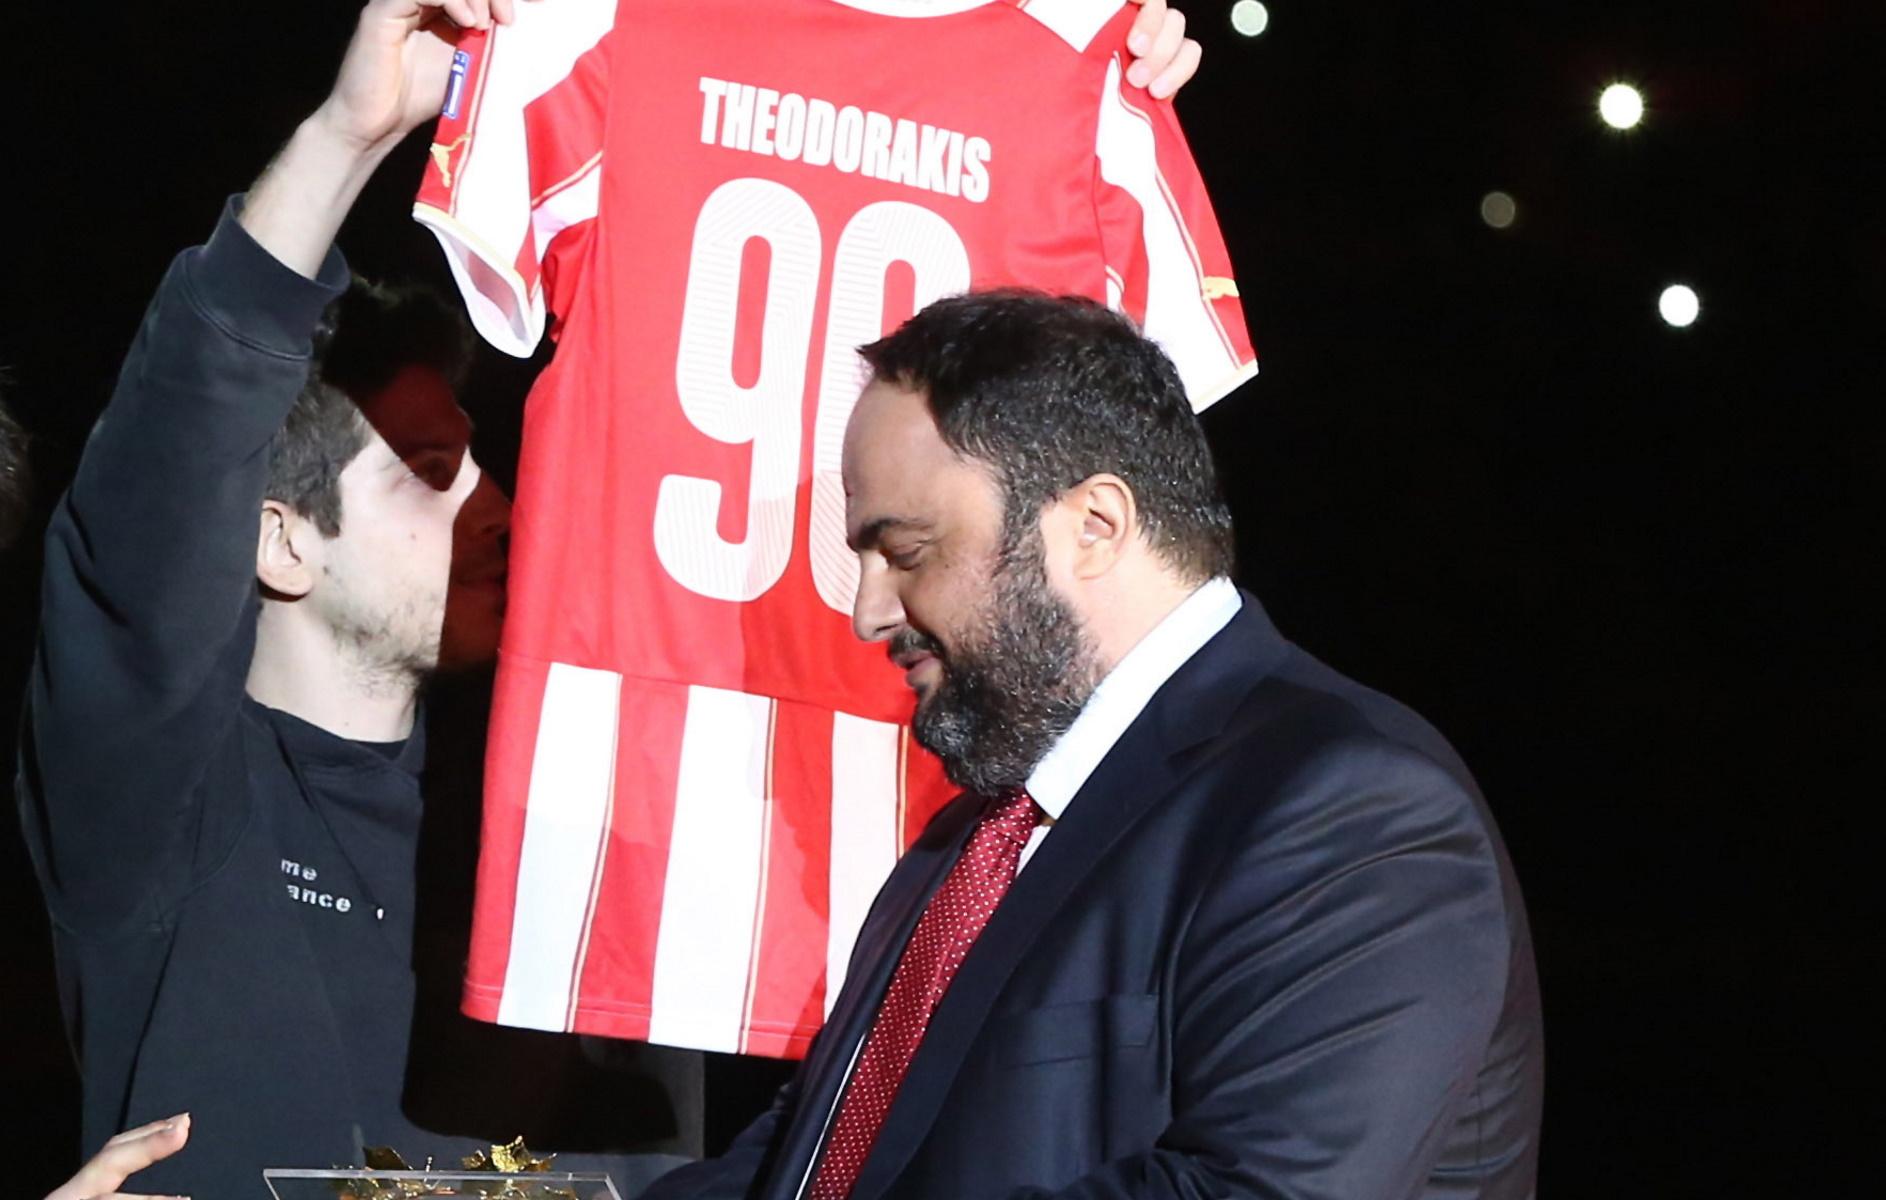 Μίκης Θεοδωράκης – Τον αποχαιρέτησε ο Βαγγέλης Μαρινάκης: «Κράτησε στις πλάτες του την Ελλάδα»